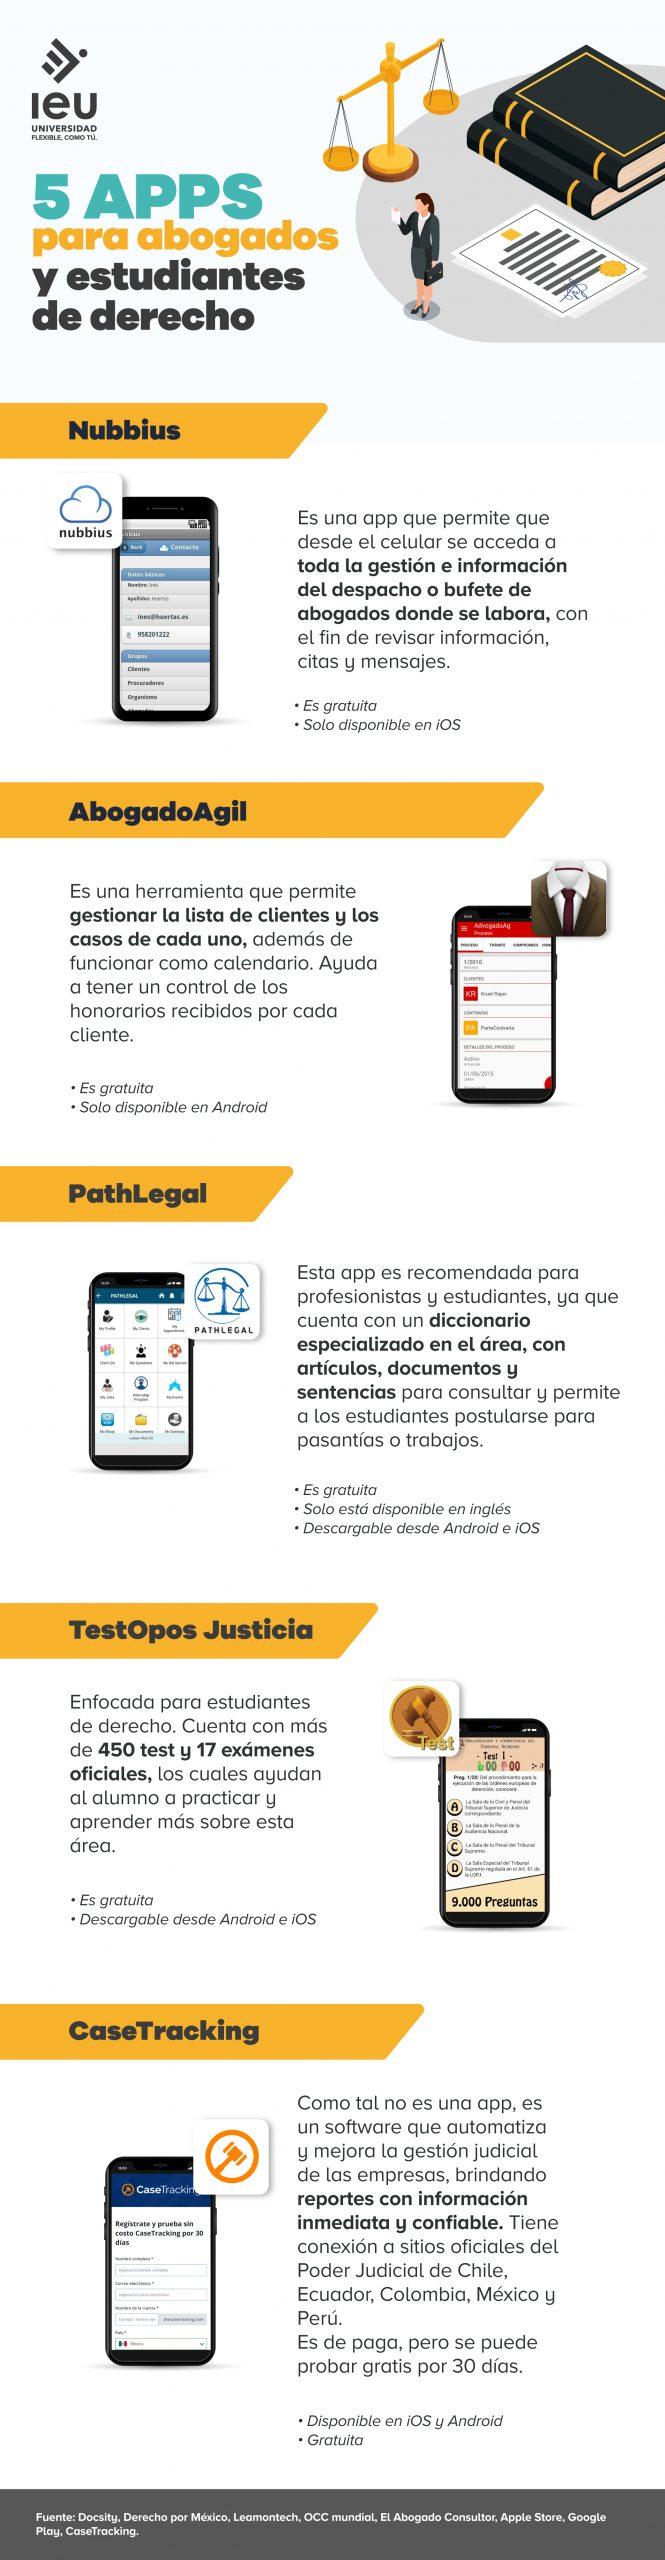 apps abogados infografia infografia